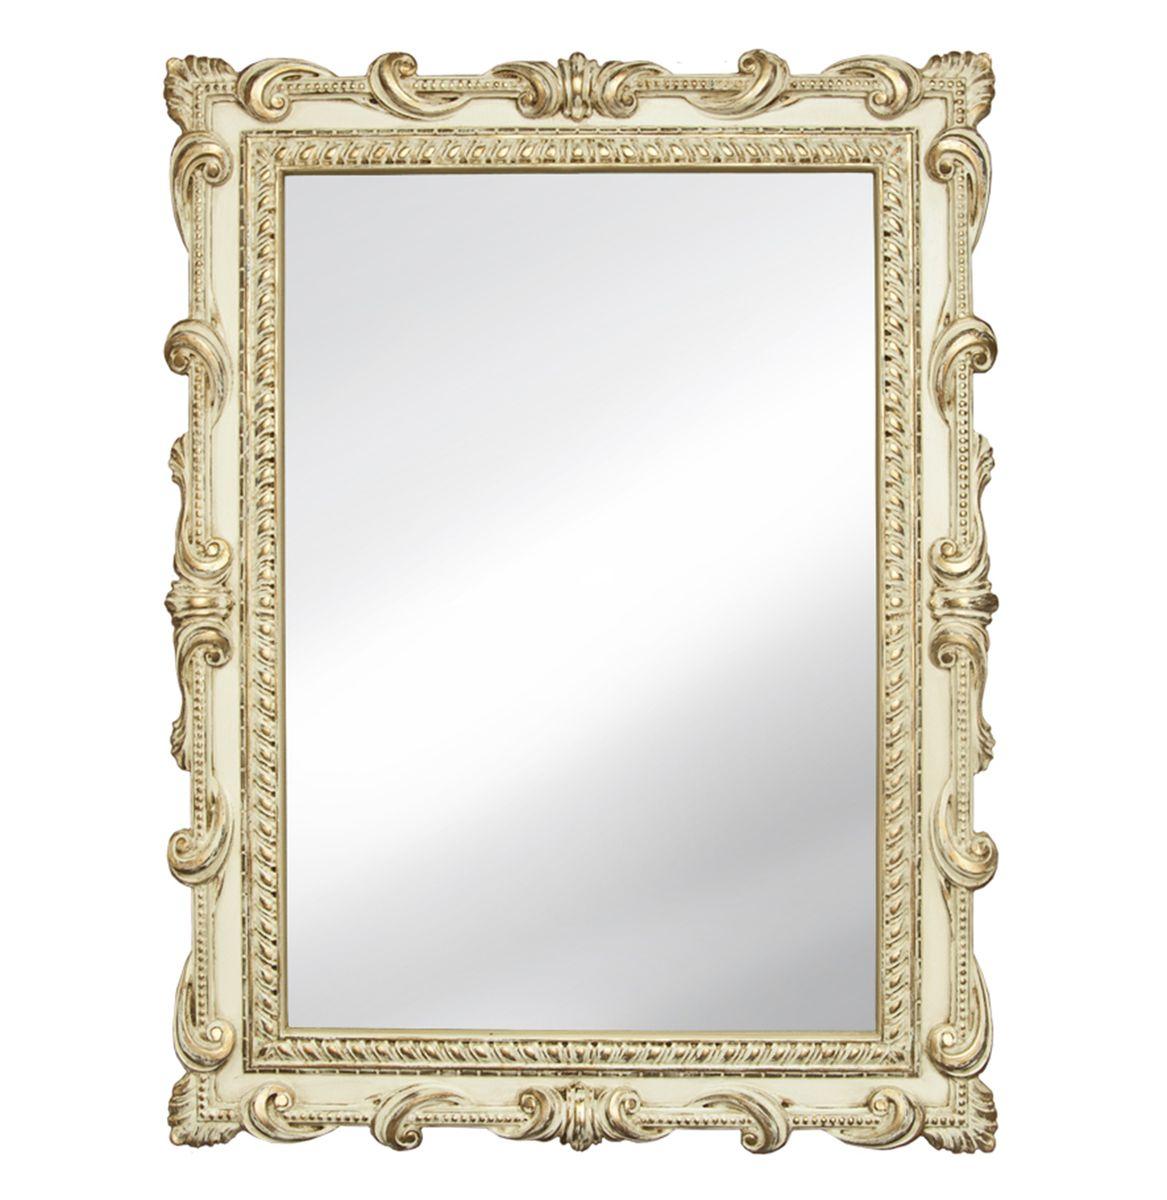 Зеркало VezzoLLi Тениа, цвет: слоновая кость, 94 х 72 см12-29С обратной стороны зеркало снабжено тремя металлическими подвесами для возможности разместить его и вертикально и горизонтально.